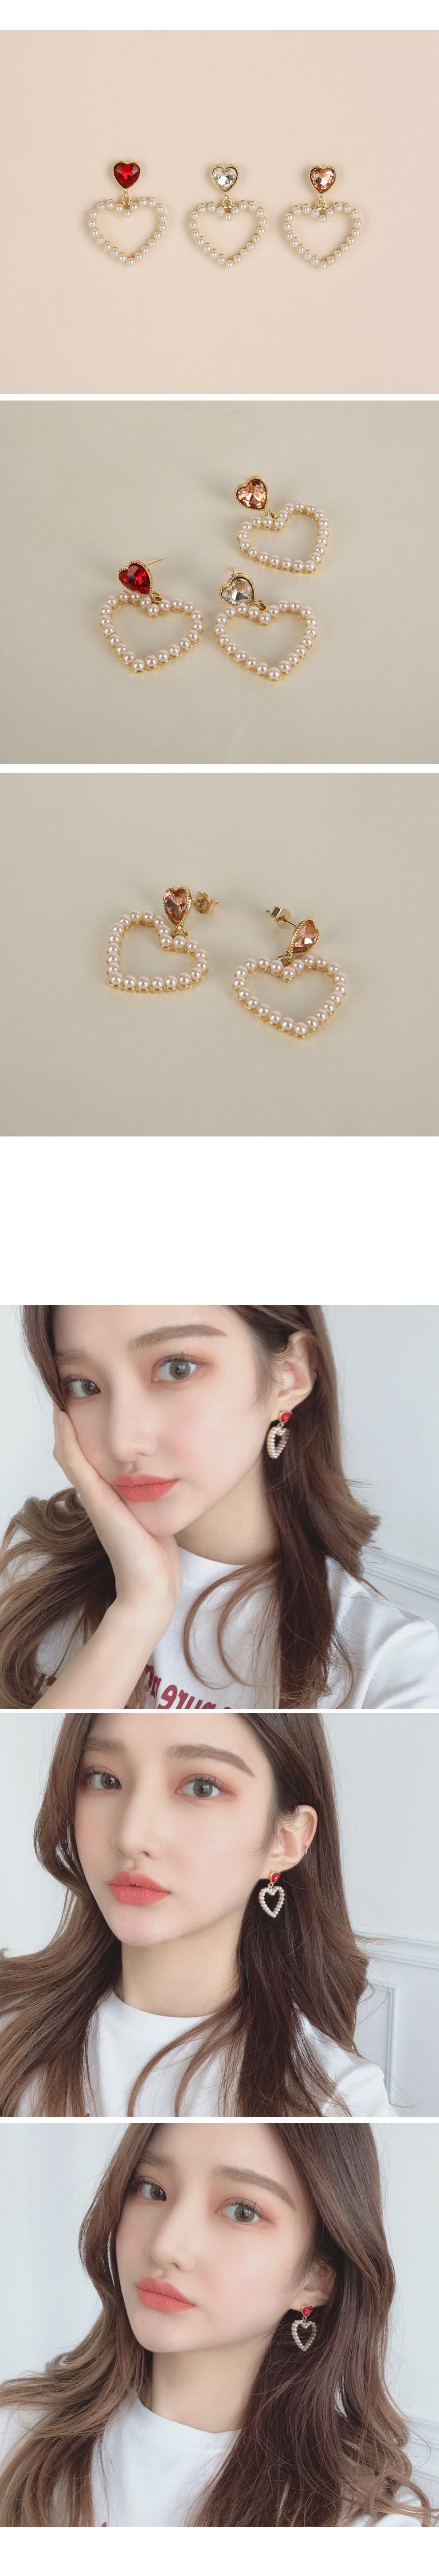 Lovemore earrings